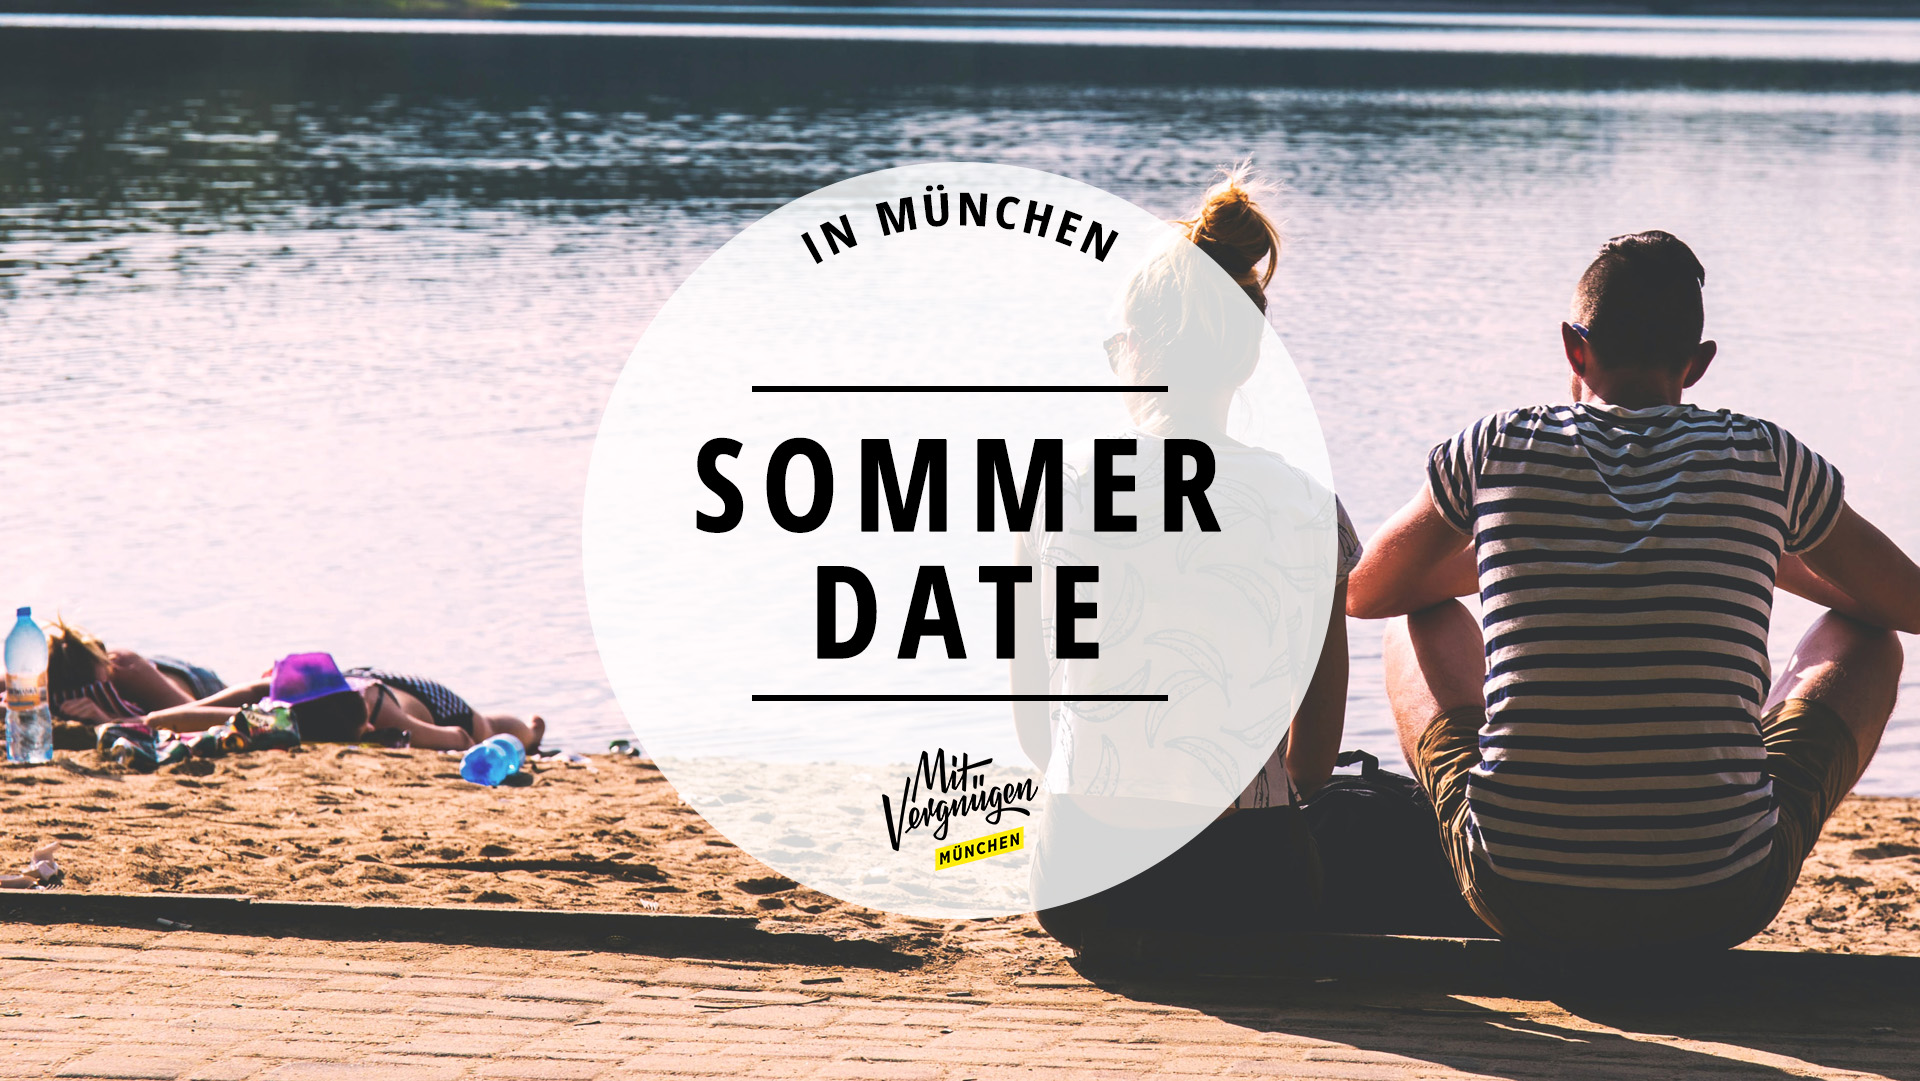 11 Ideen für ein wunderschönes Date im Münchner Sommer